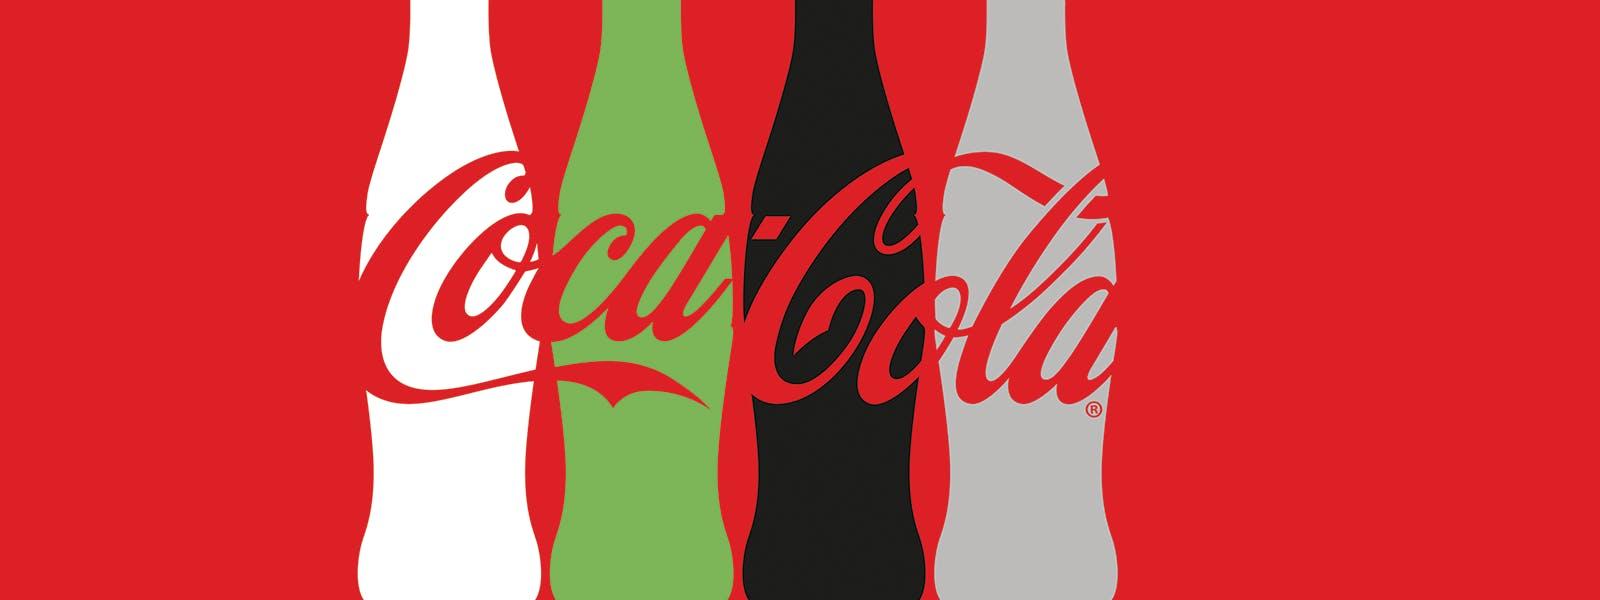 Coke one brand masthead one